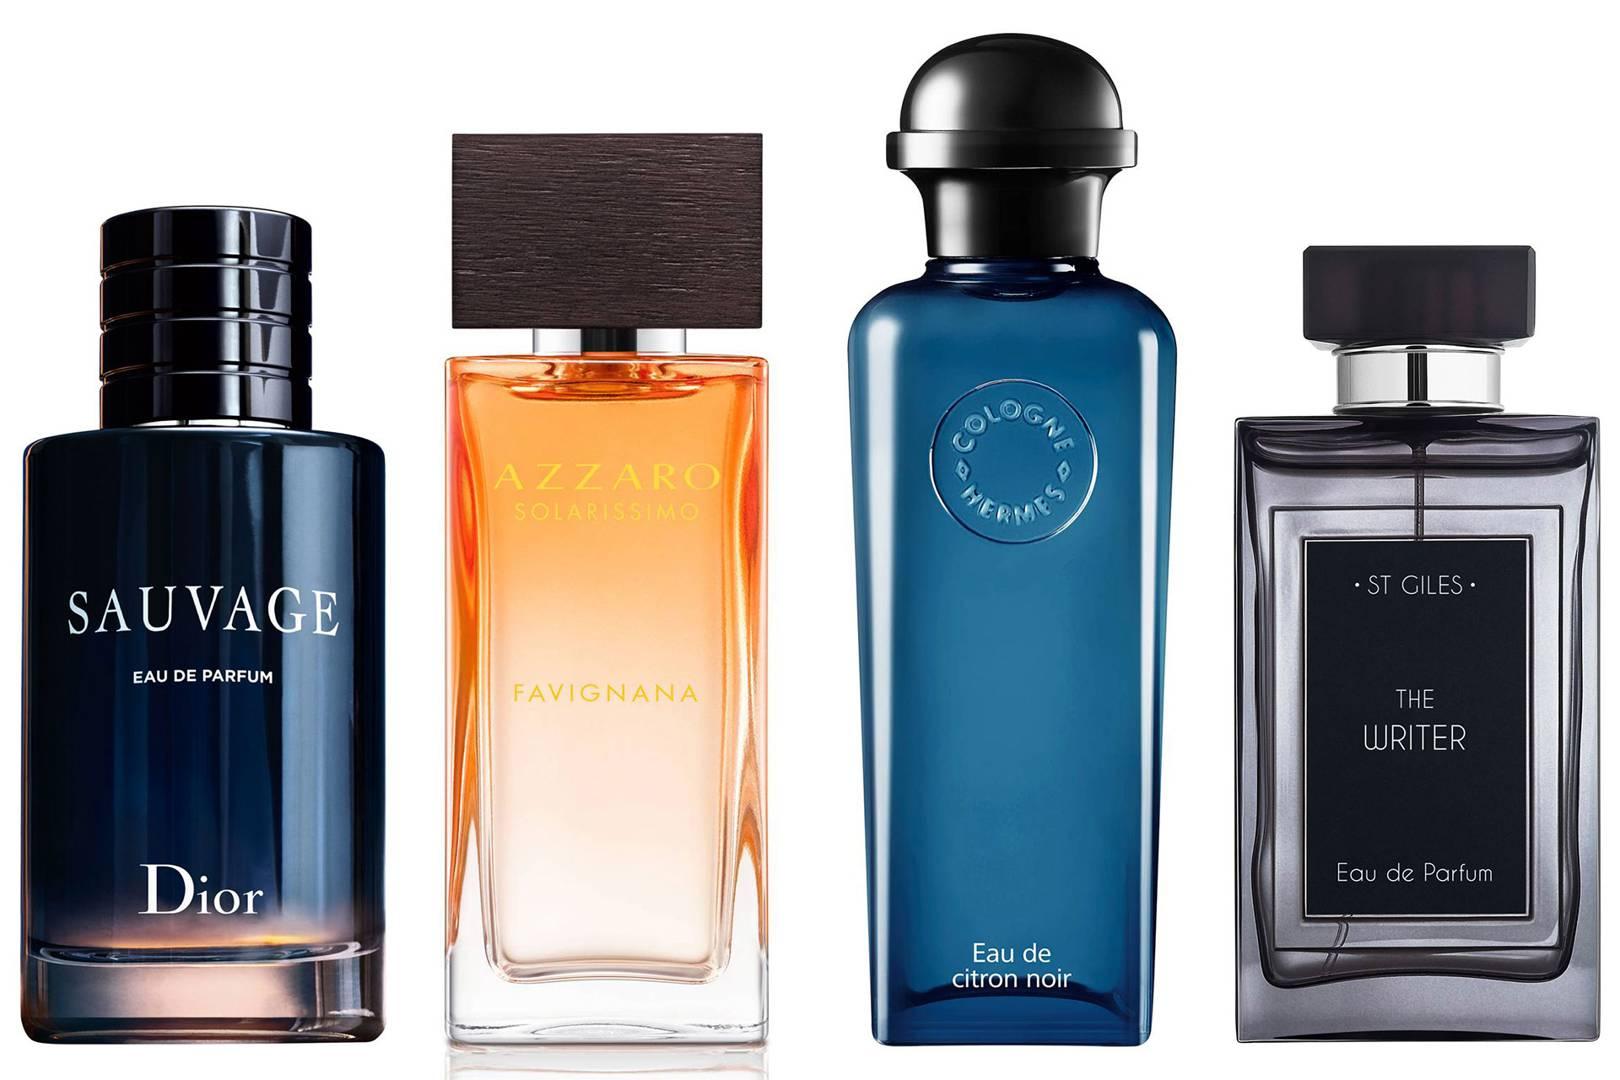 Top Picks in Fragrances for Men Top Picks in Fragrances for Men new images